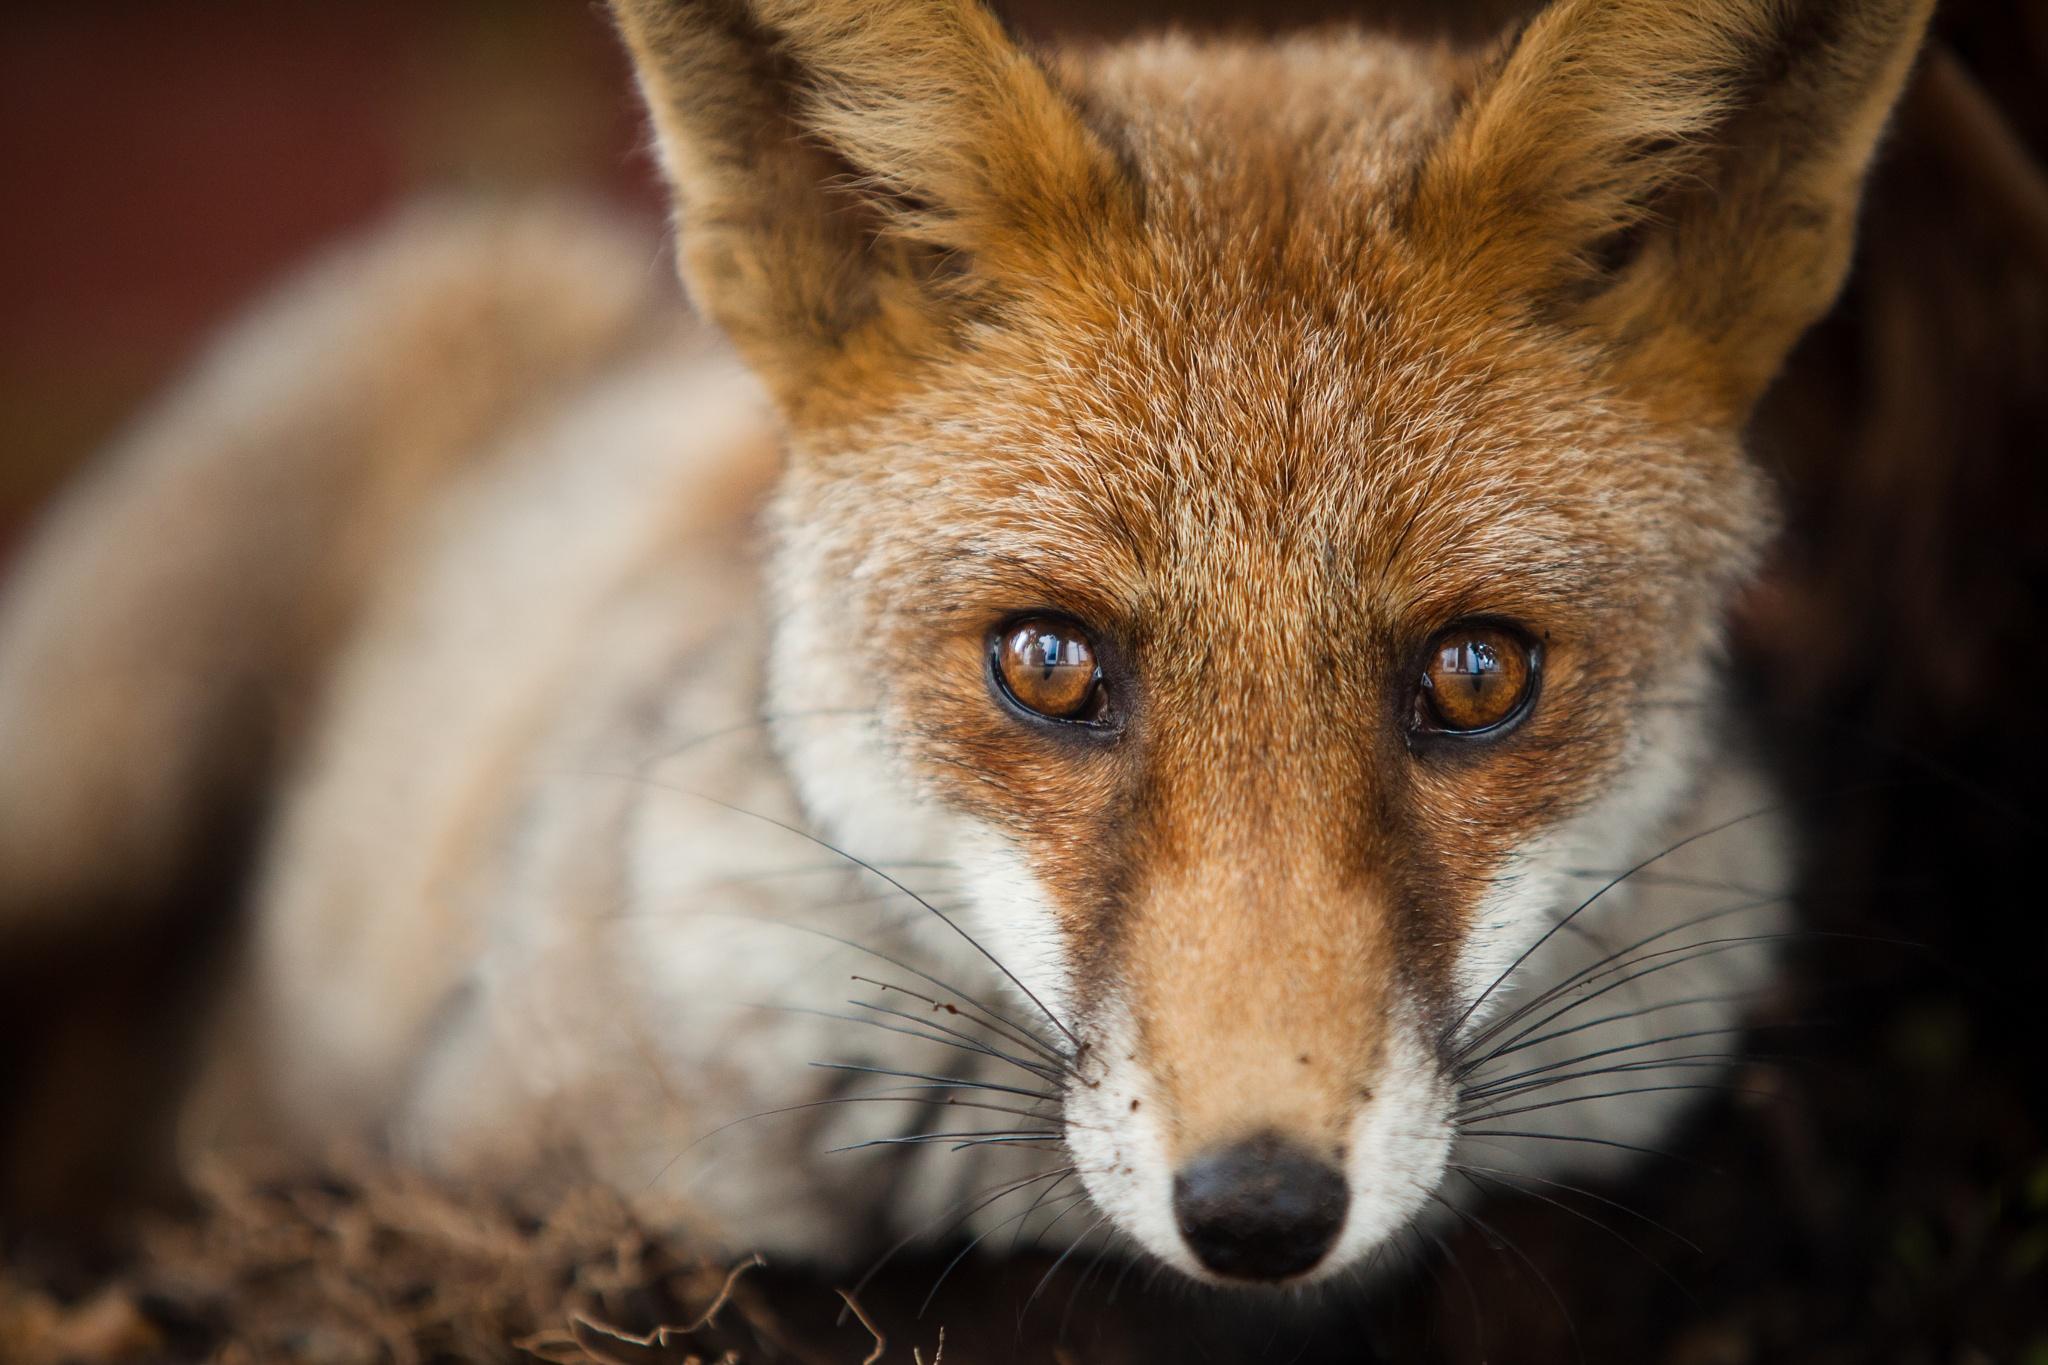 Talented Mr Fox by Dade Freeman